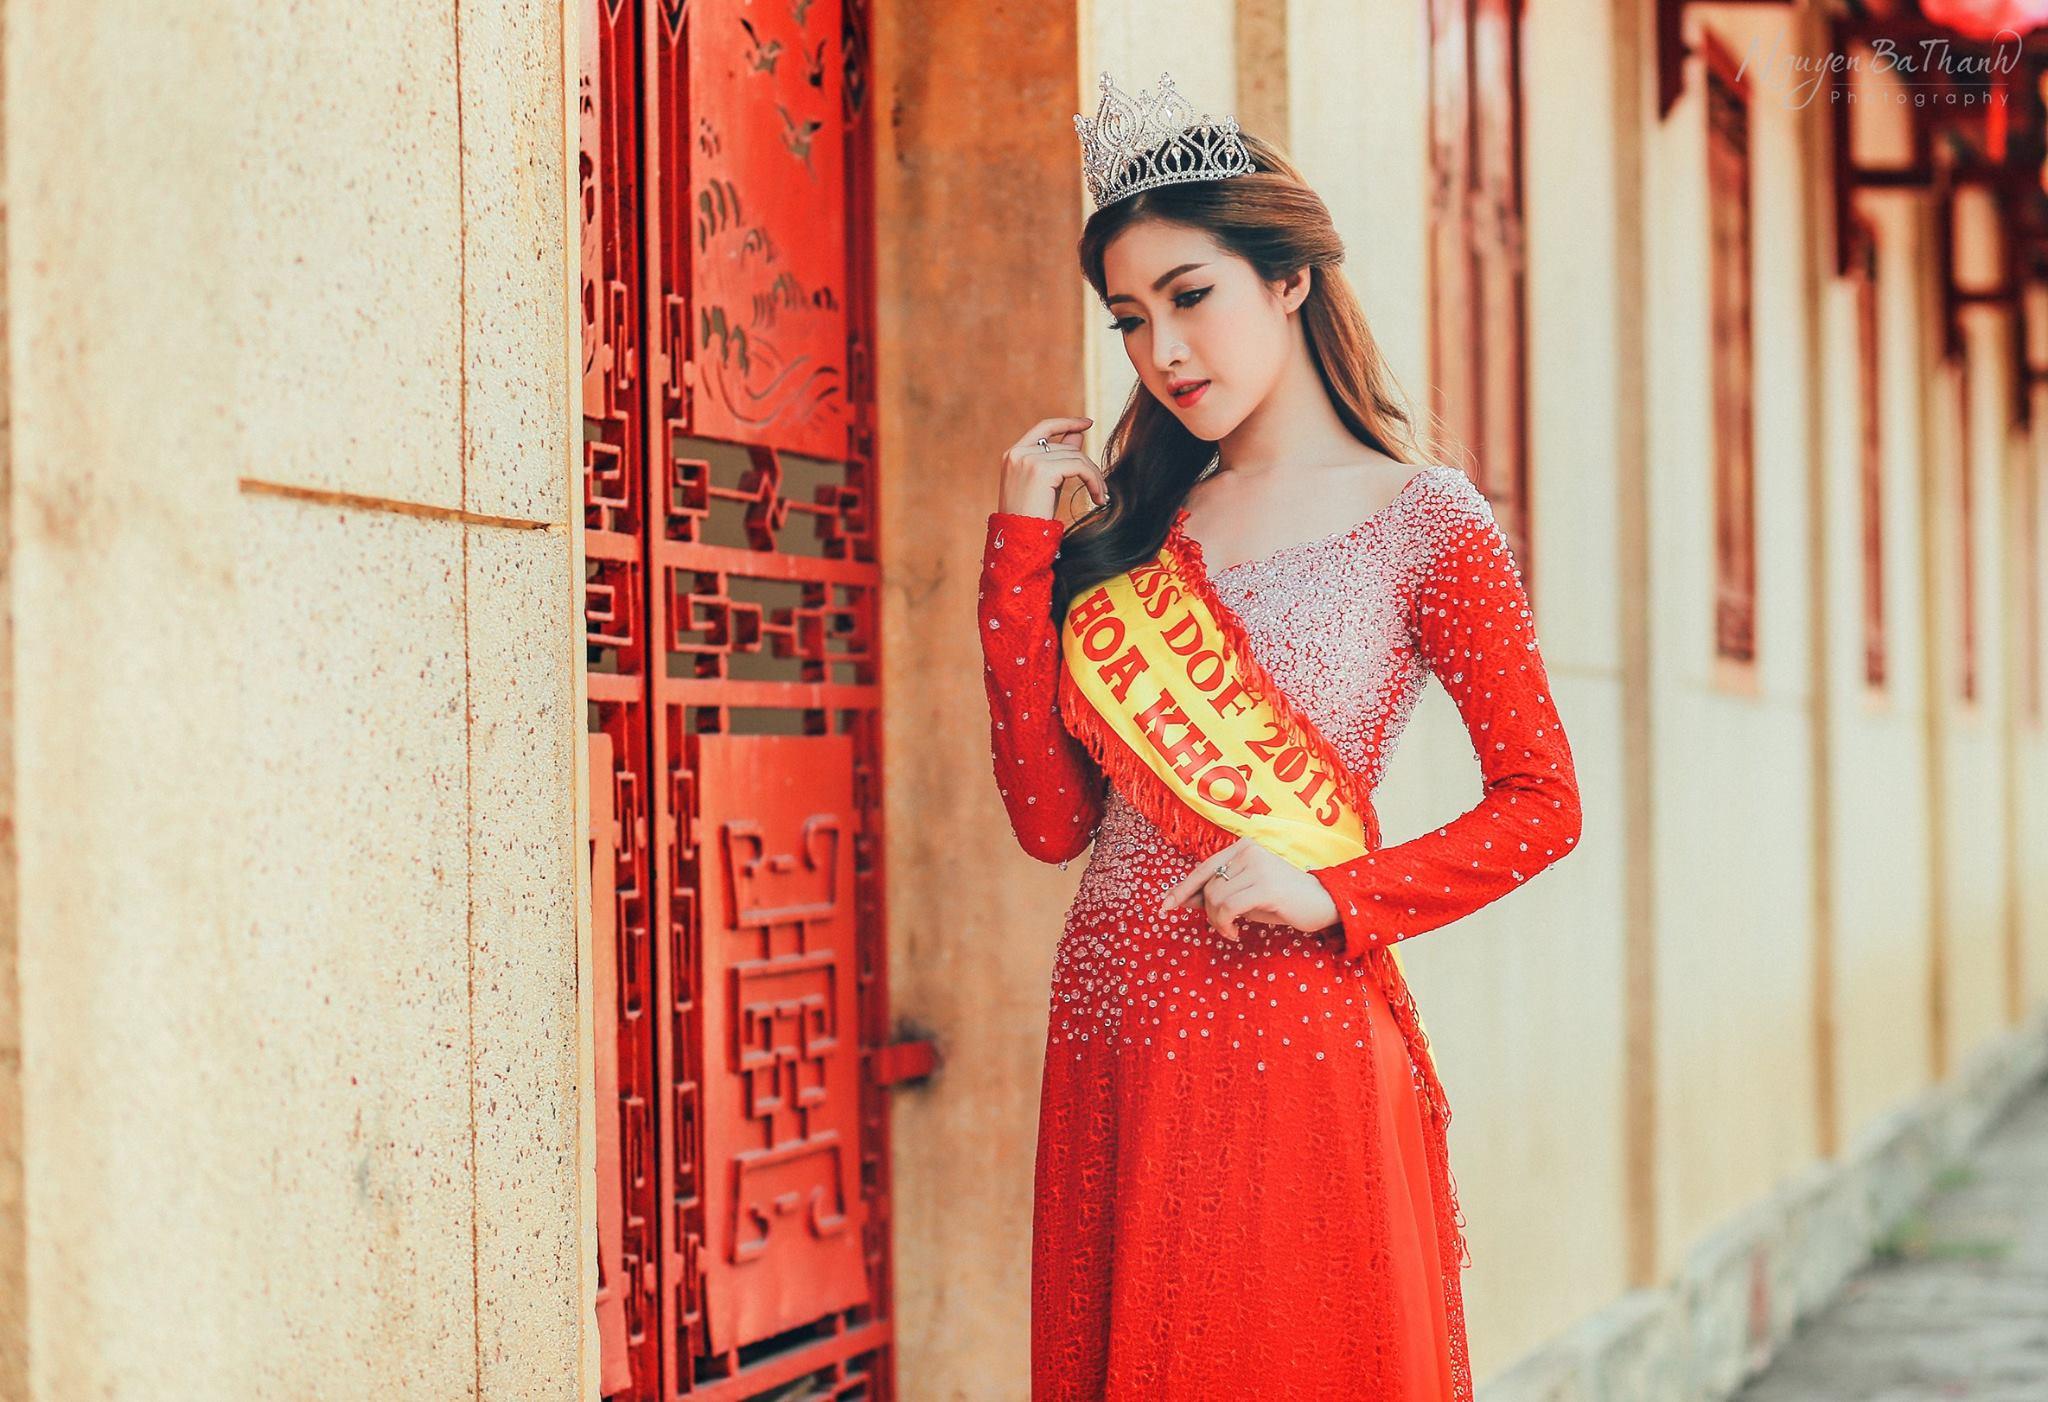 cung-cap-nhan-su-pg-model-nguoi-mau-dong-thu-thao